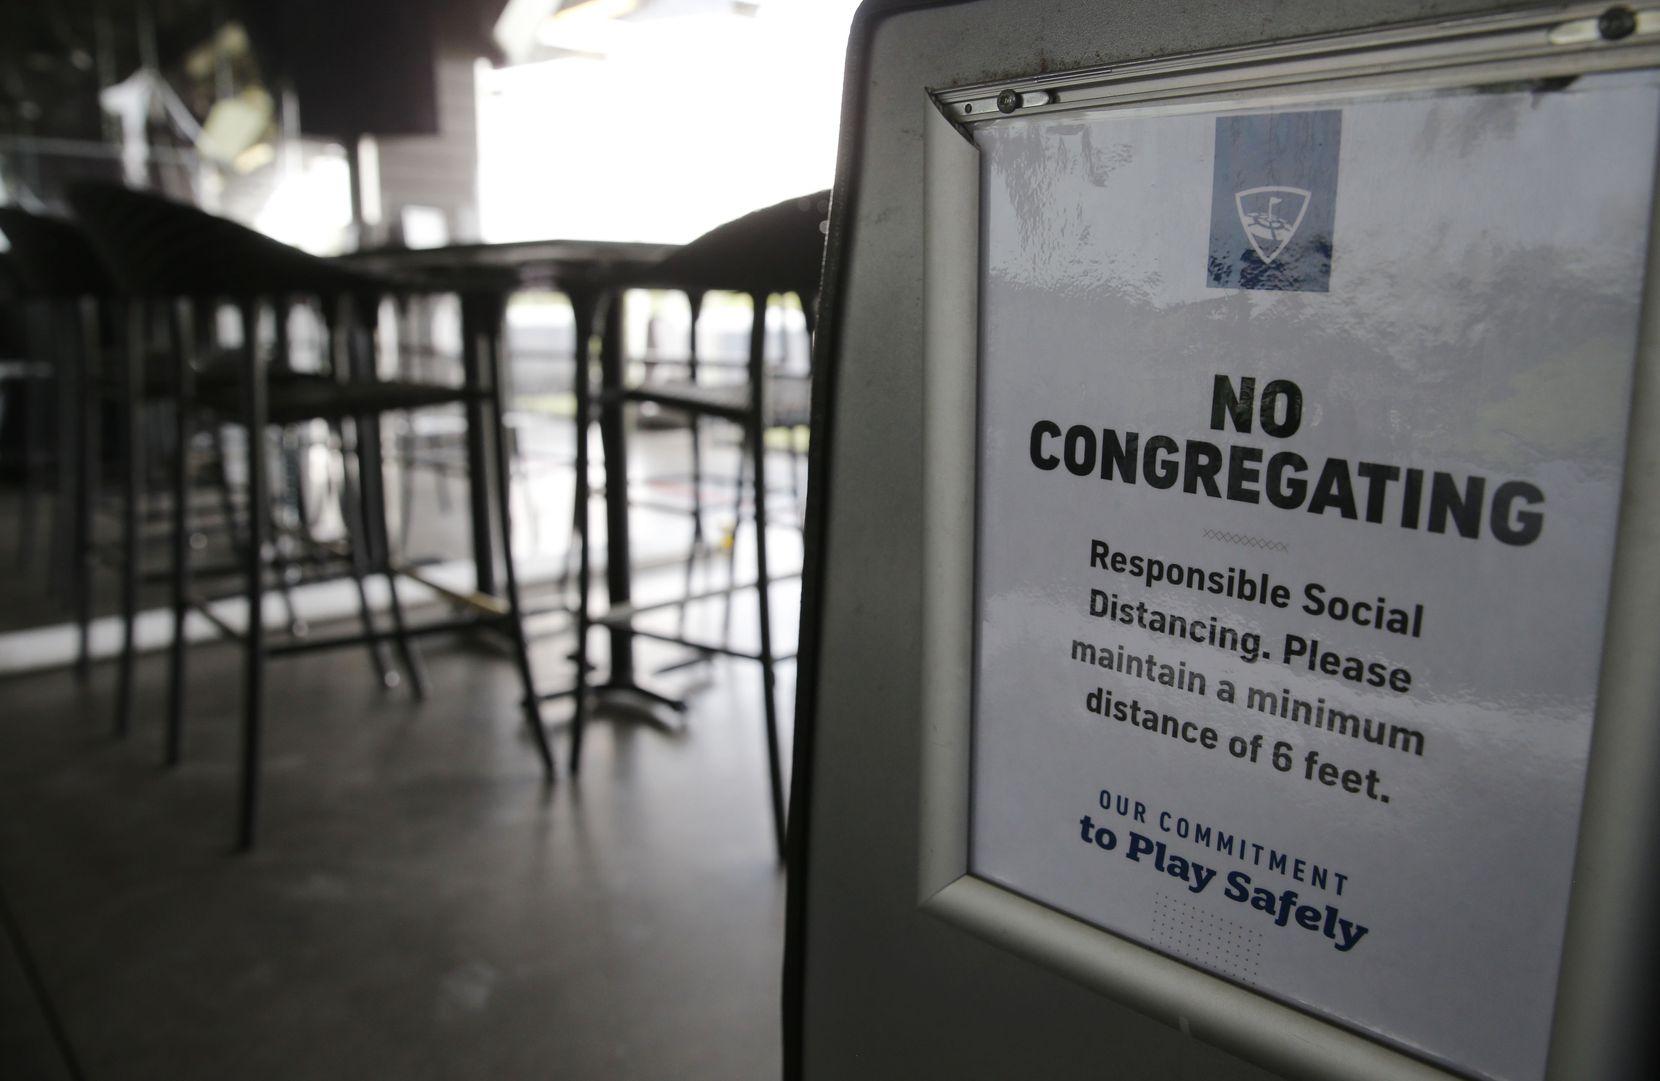 Un panneau est affiché encourageant la distanciation sociale à Topgolf dans The Colony, le vendredi 22 mai 2020.